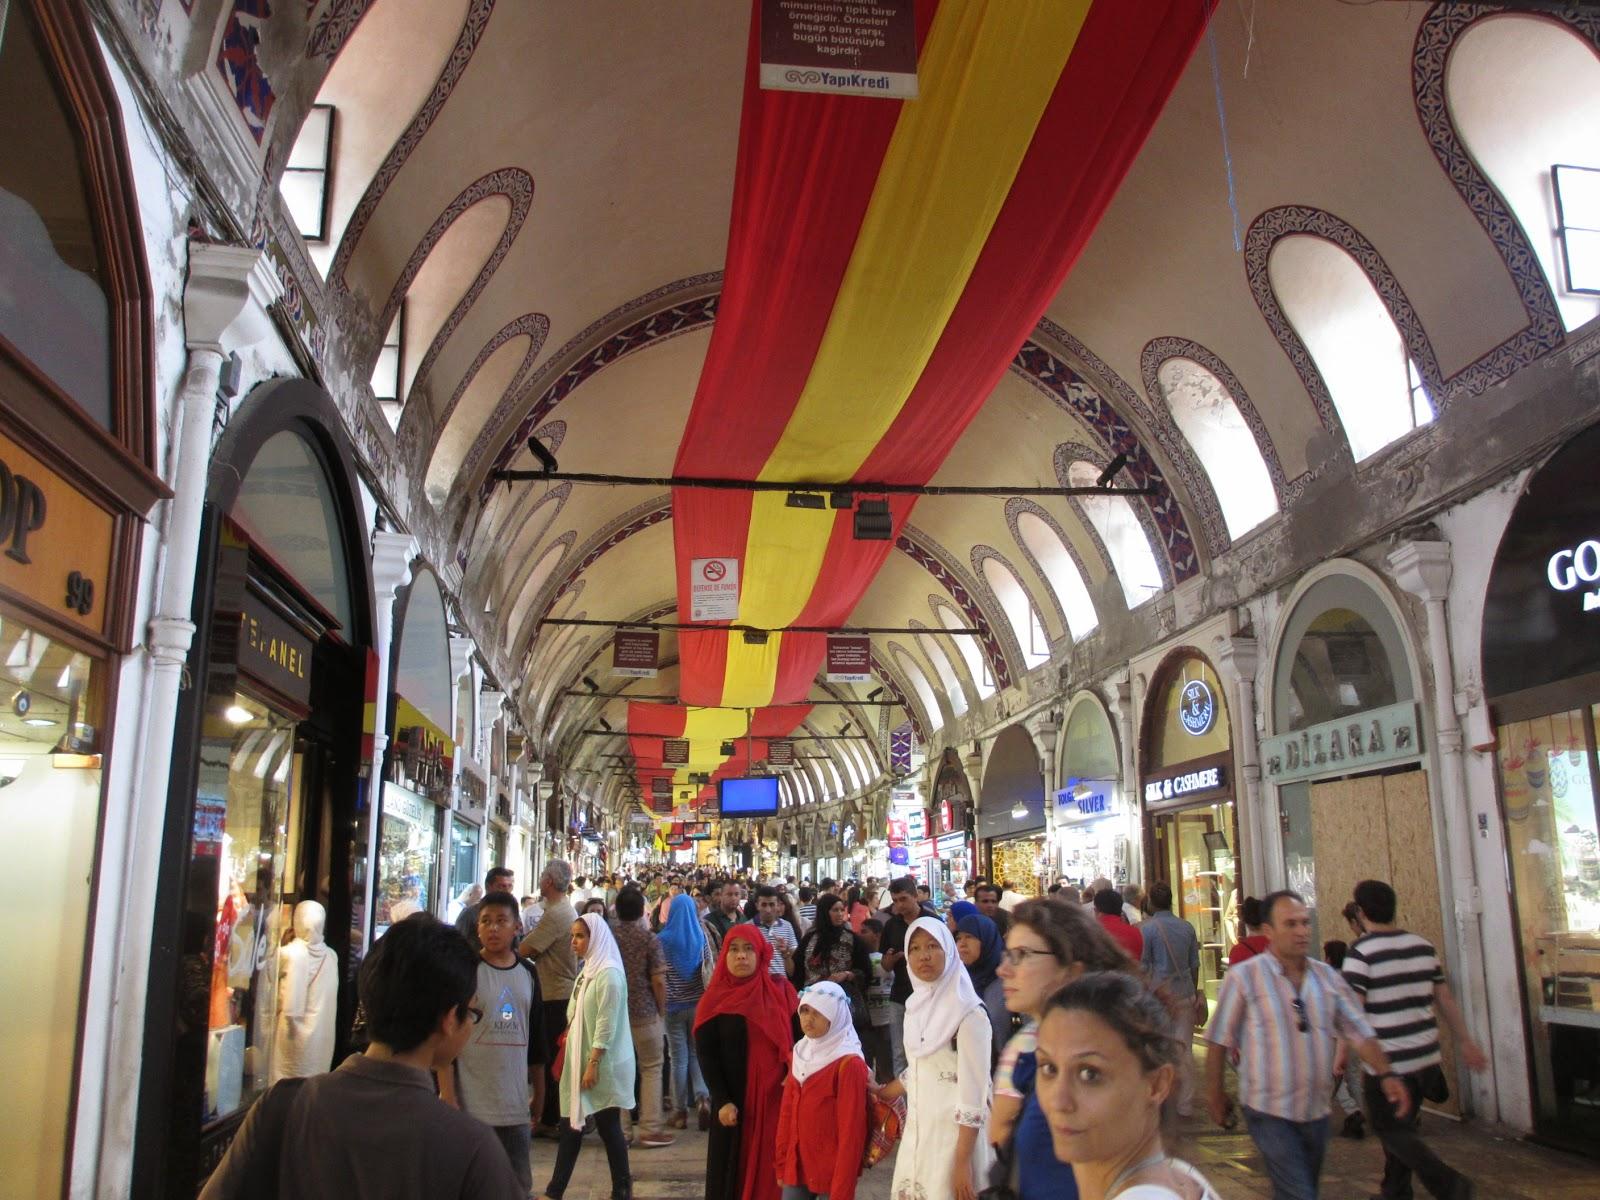 Travel Biaya Umroh Desember 2014 Aman Nyaman dan Terpercaya